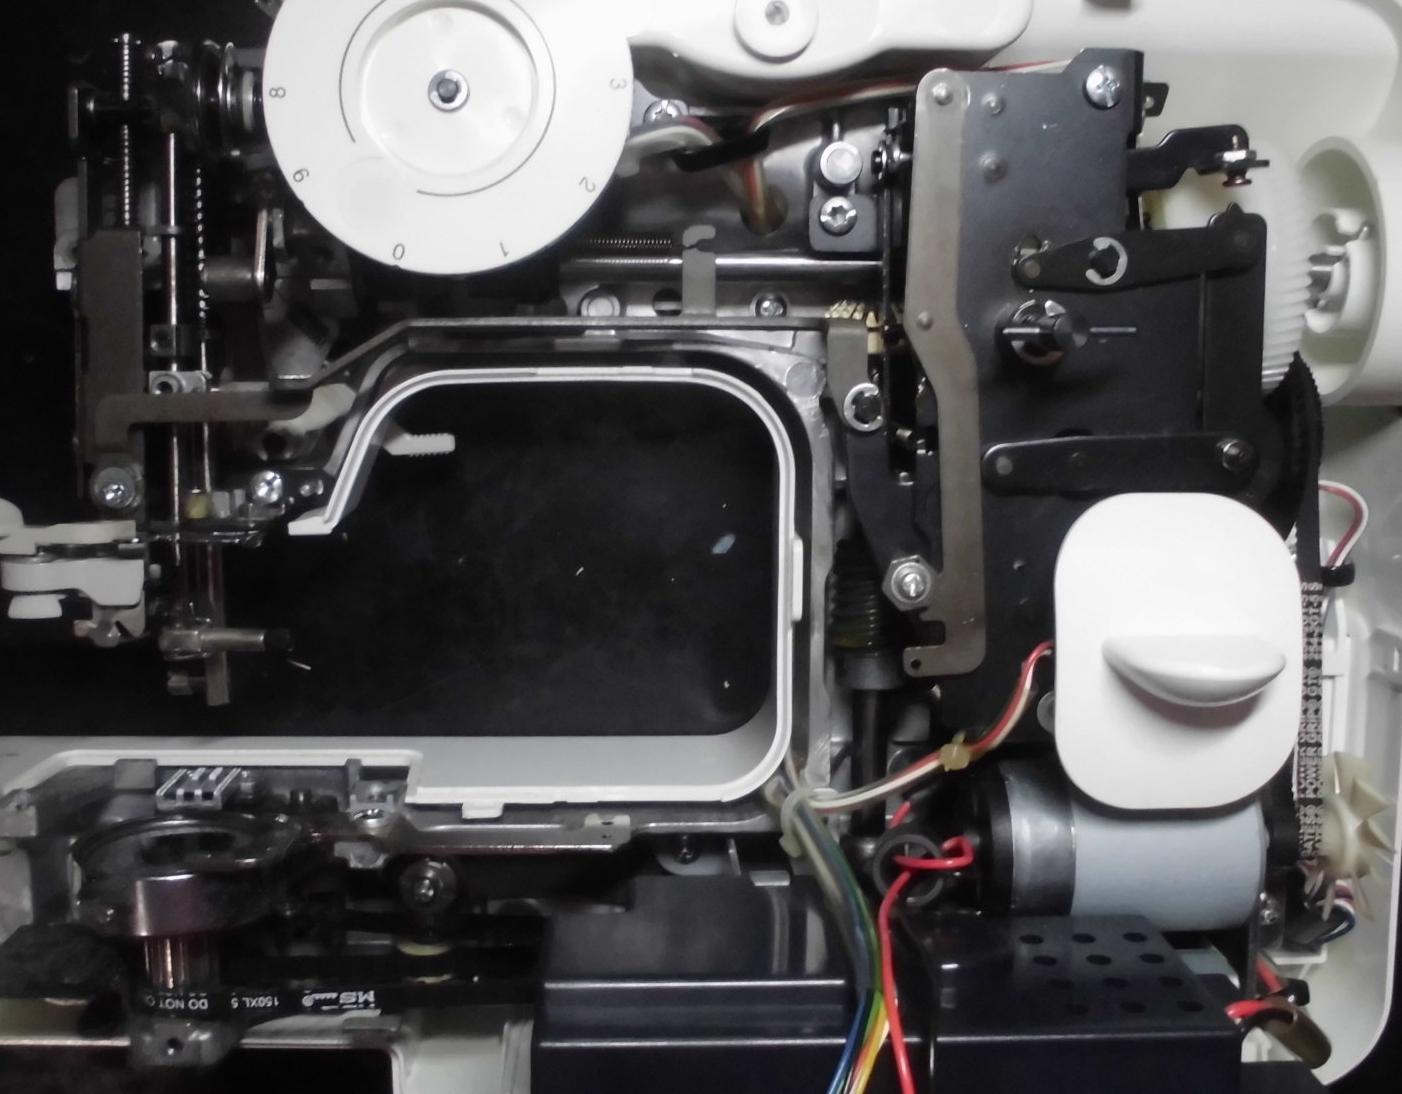 ELU52・A35-LGの分解オーバーホールメンテナンス修理|ブラザーミシン